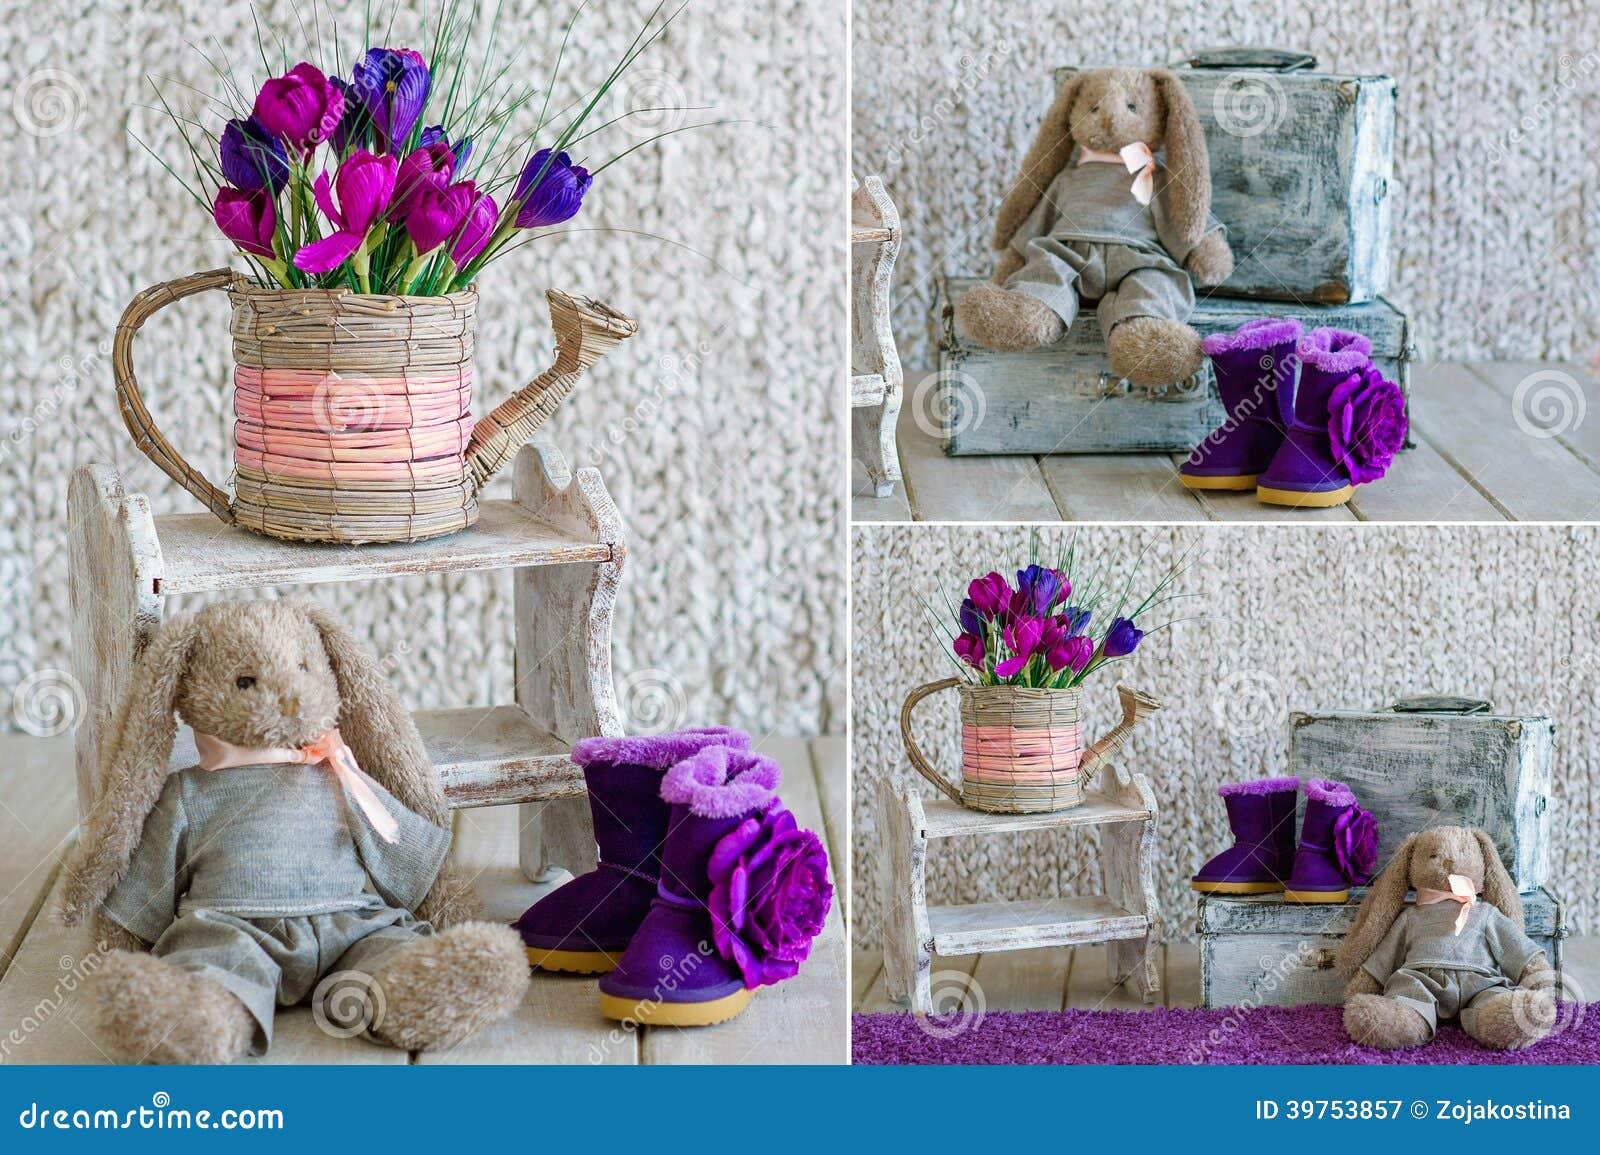 Detalles interiores de la decoraci n del vintage imagen de - Detalles de decoracion ...